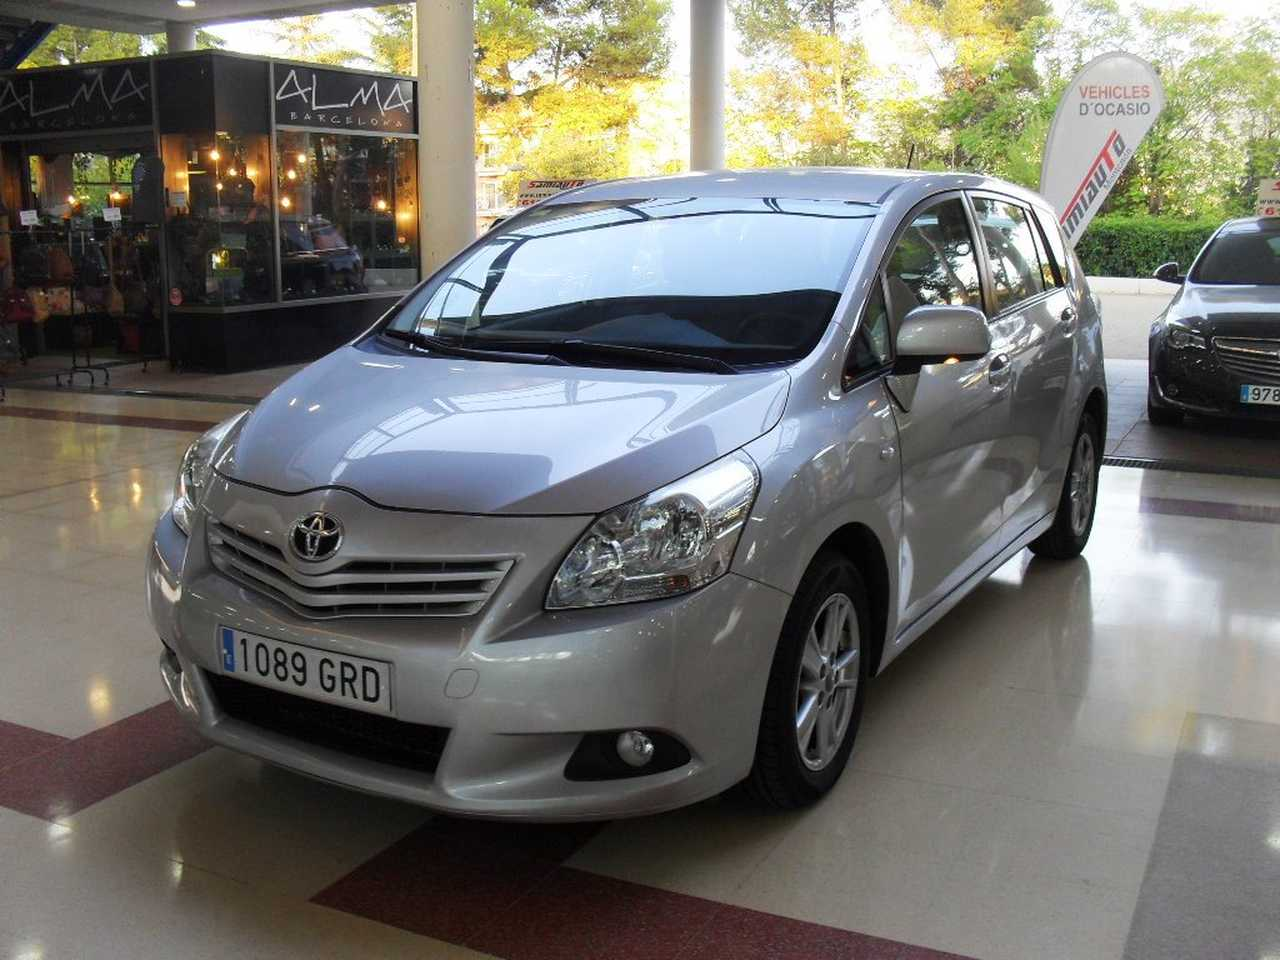 Toyota Verso TOYOTA Verso 1.6 VVTI Active 5pl. 5p UN SOLO PROPIETARIO COMO NUEVO  - Foto 1